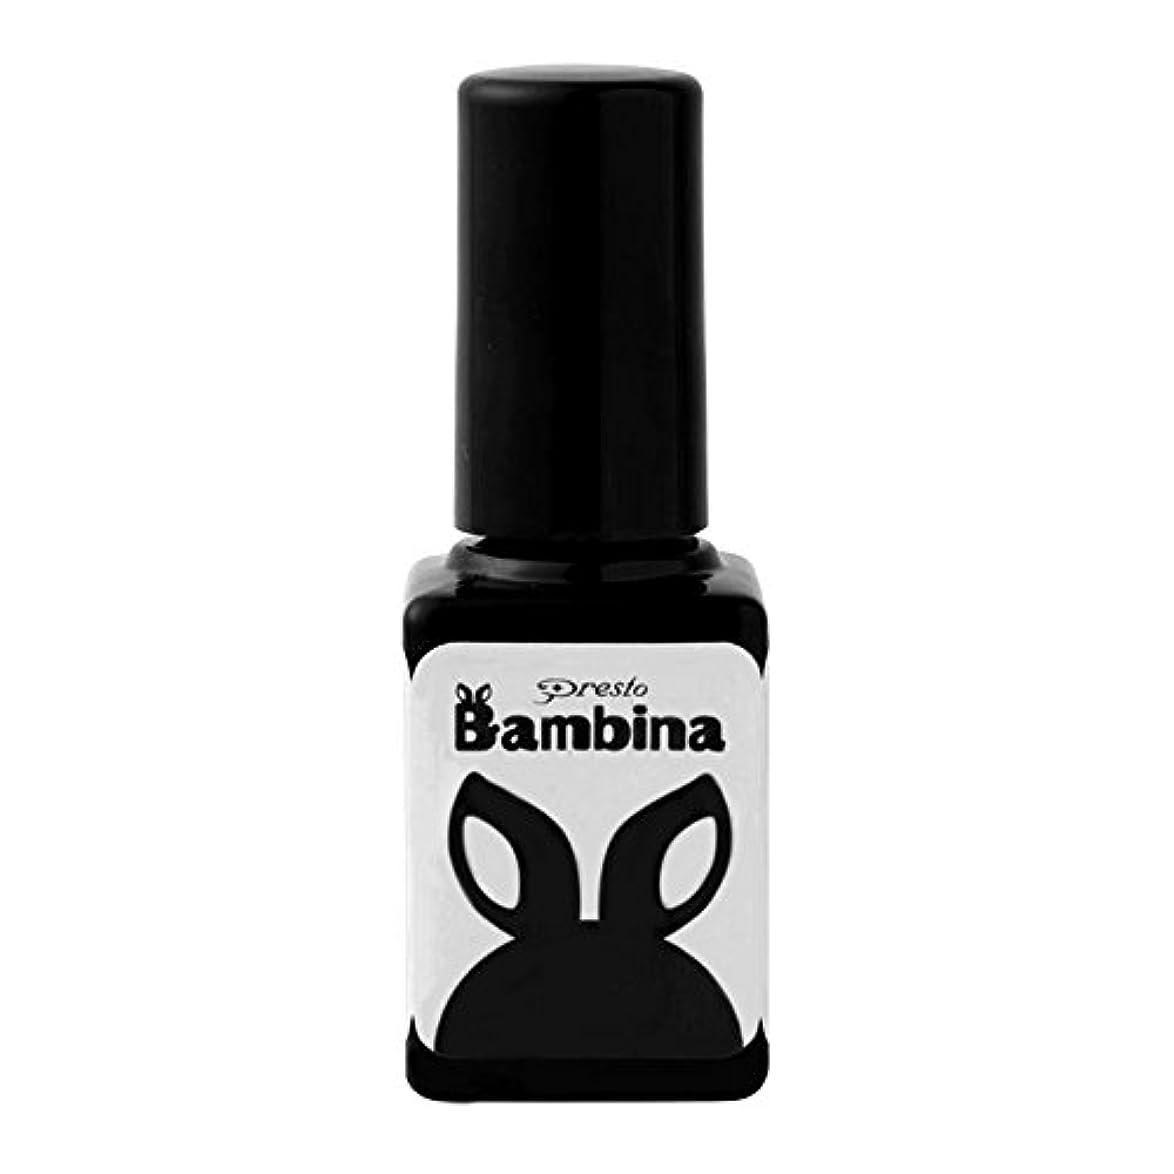 放棄タンザニア権限を与えるPresto Bambina カラージェル 7g B183 UV/LED対応